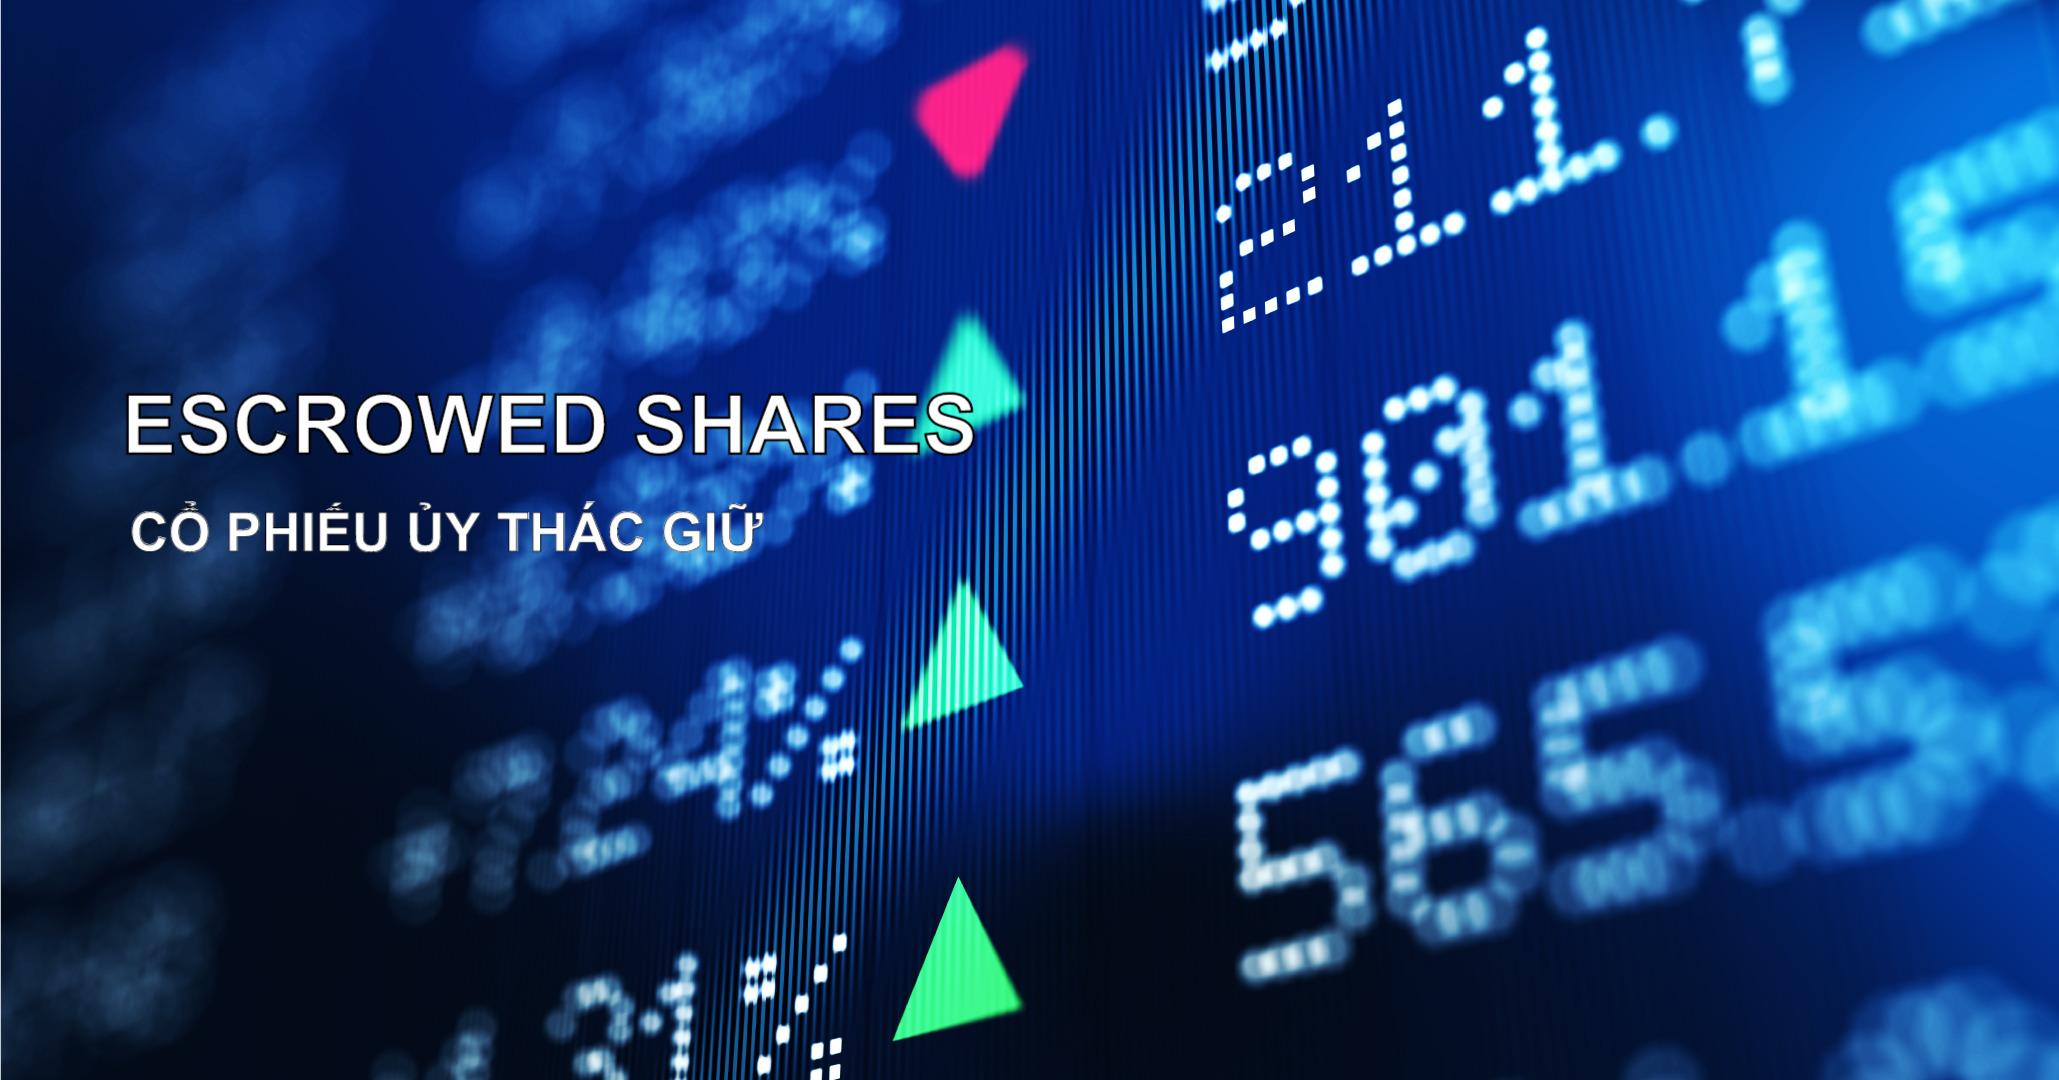 Cổ phiếu ủy thác giữ (Escrowed Shares) là gì? Đặc điểm và ví dụ - Ảnh 1.